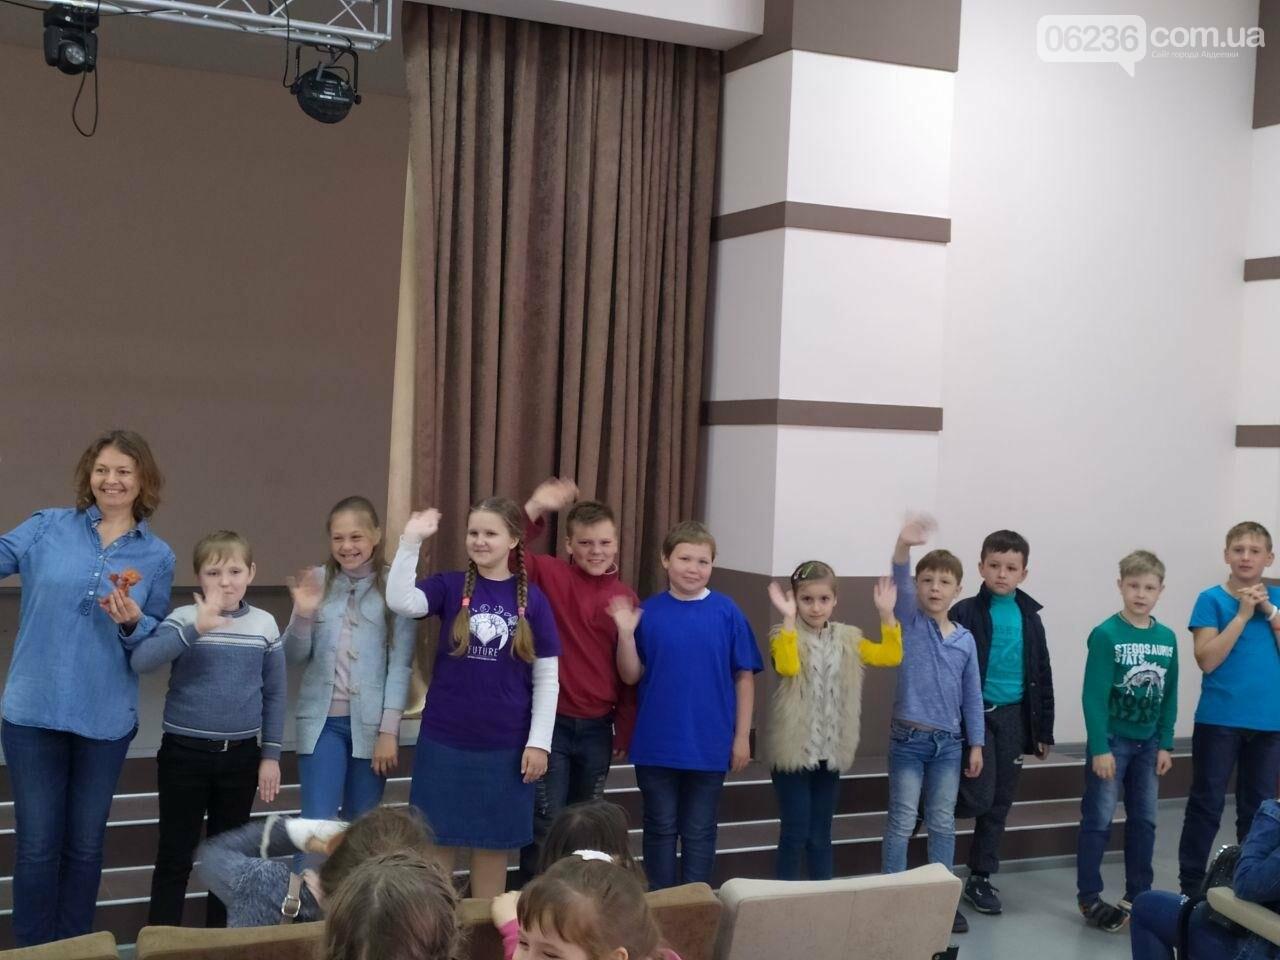 Авдеевка ФМ: детские писатели Сашко Дерманский и Лана Ра встретились с авдеевскими читателями (ФОТО), фото-10